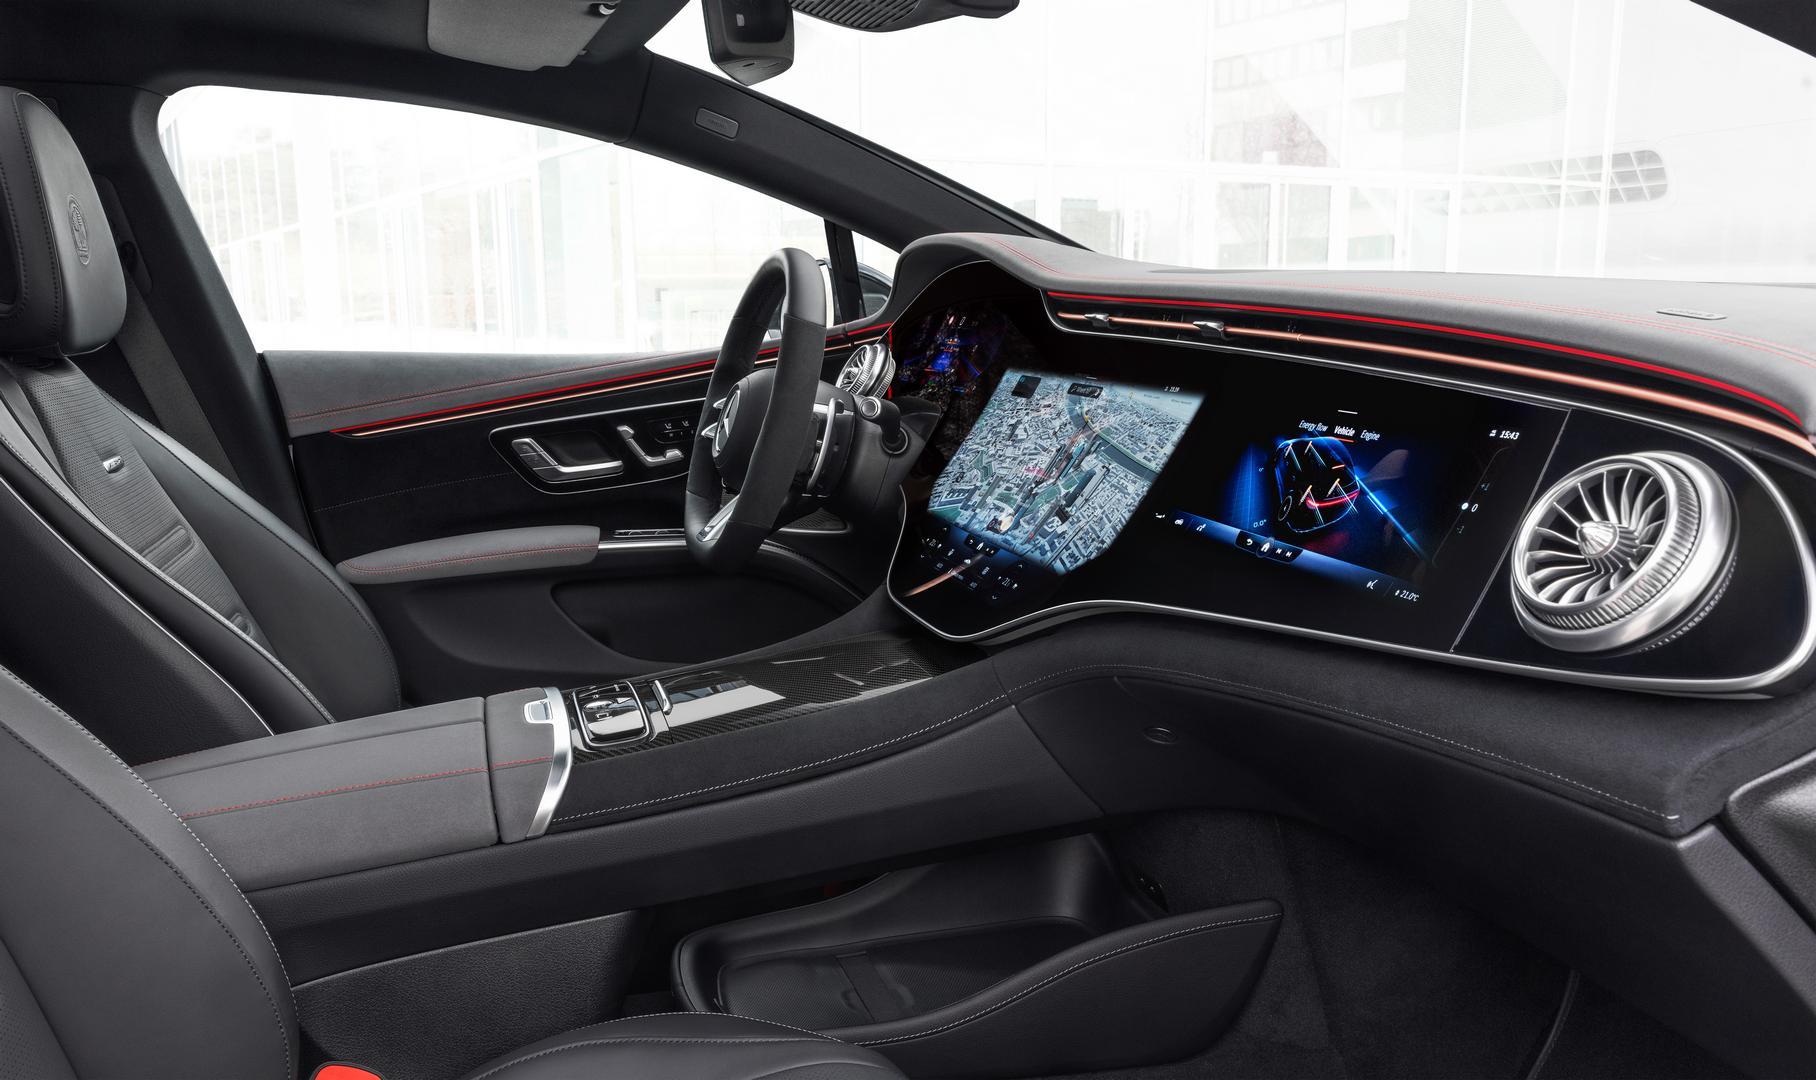 Mercedes-AMG EQS 53 4MATIC+, 2021Mercedes-AMG EQS 53 interior